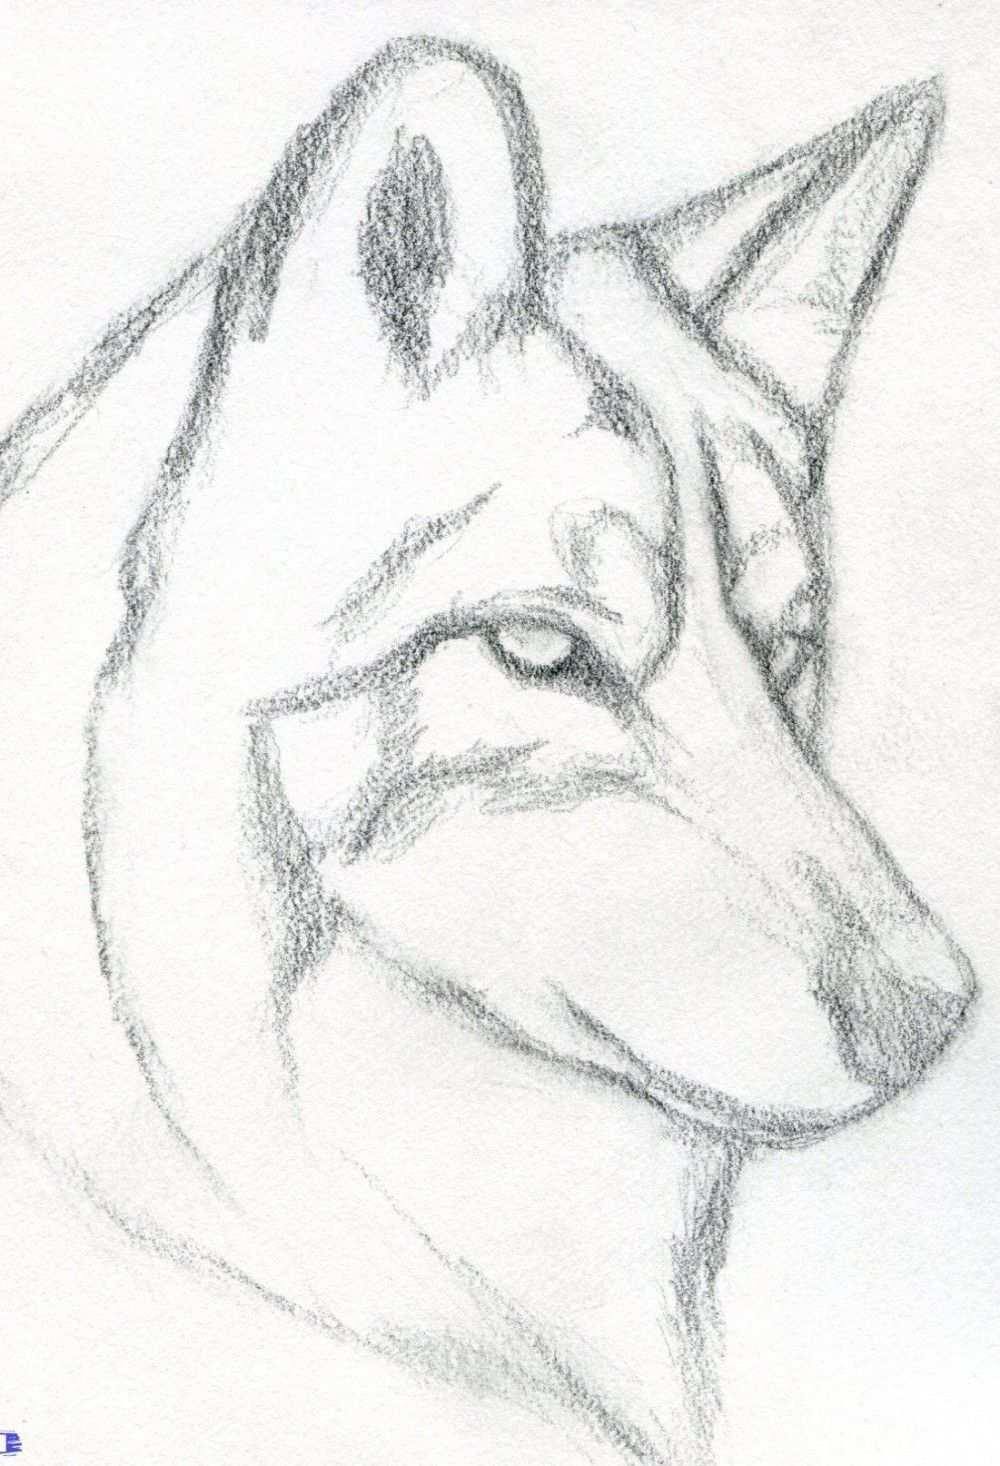 20 Einfache Malanleitungen Fur Anfanger Coole Sachen Zum Schrittweisen Zeichnen Bleistiftzeichnung Malanleitung Zeichnung